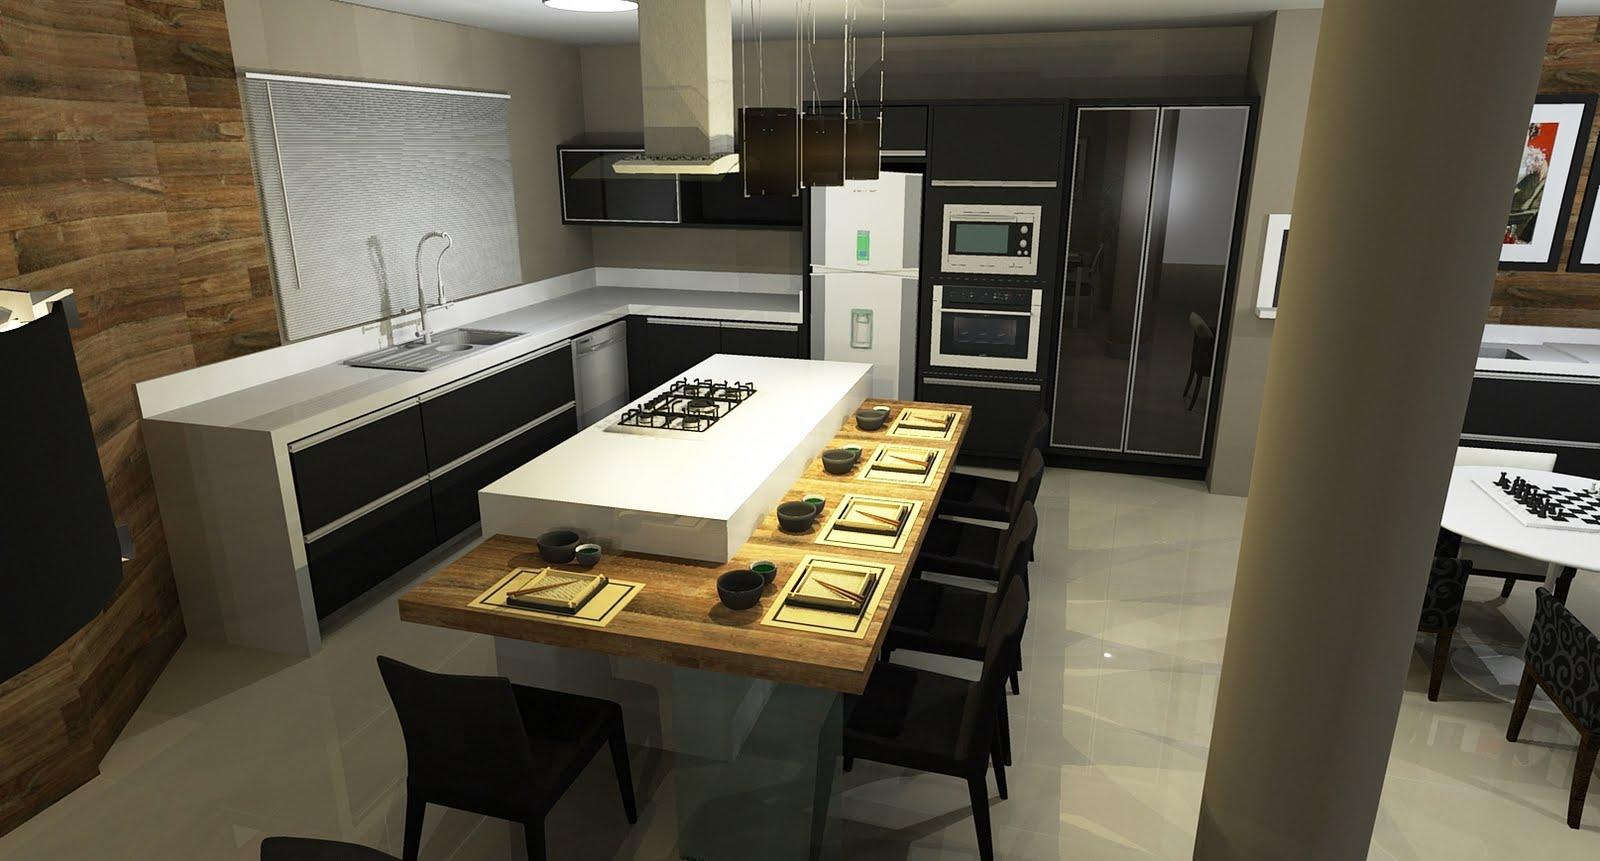 Sekai Projetos e Interiores: Área de festas e cozinha integradas  #947137 1600 861